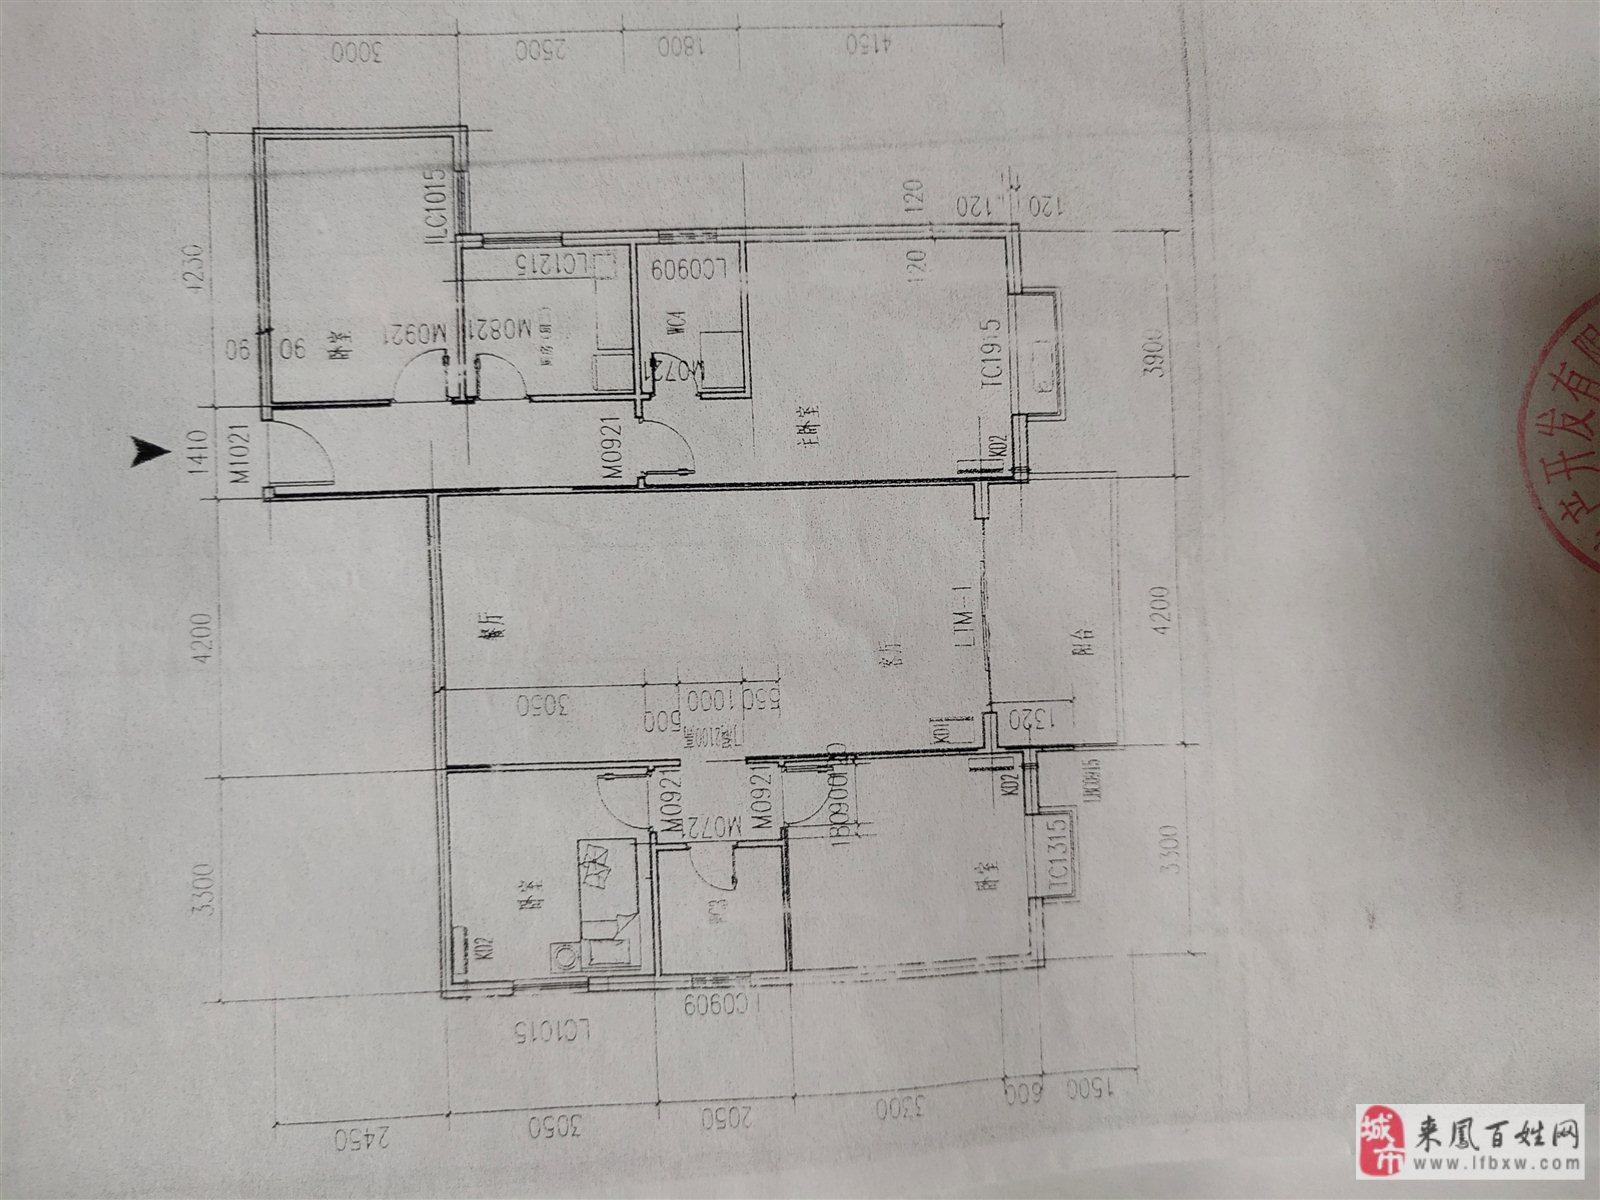 栖凤公寓4室 2厅 2卫49.88万元